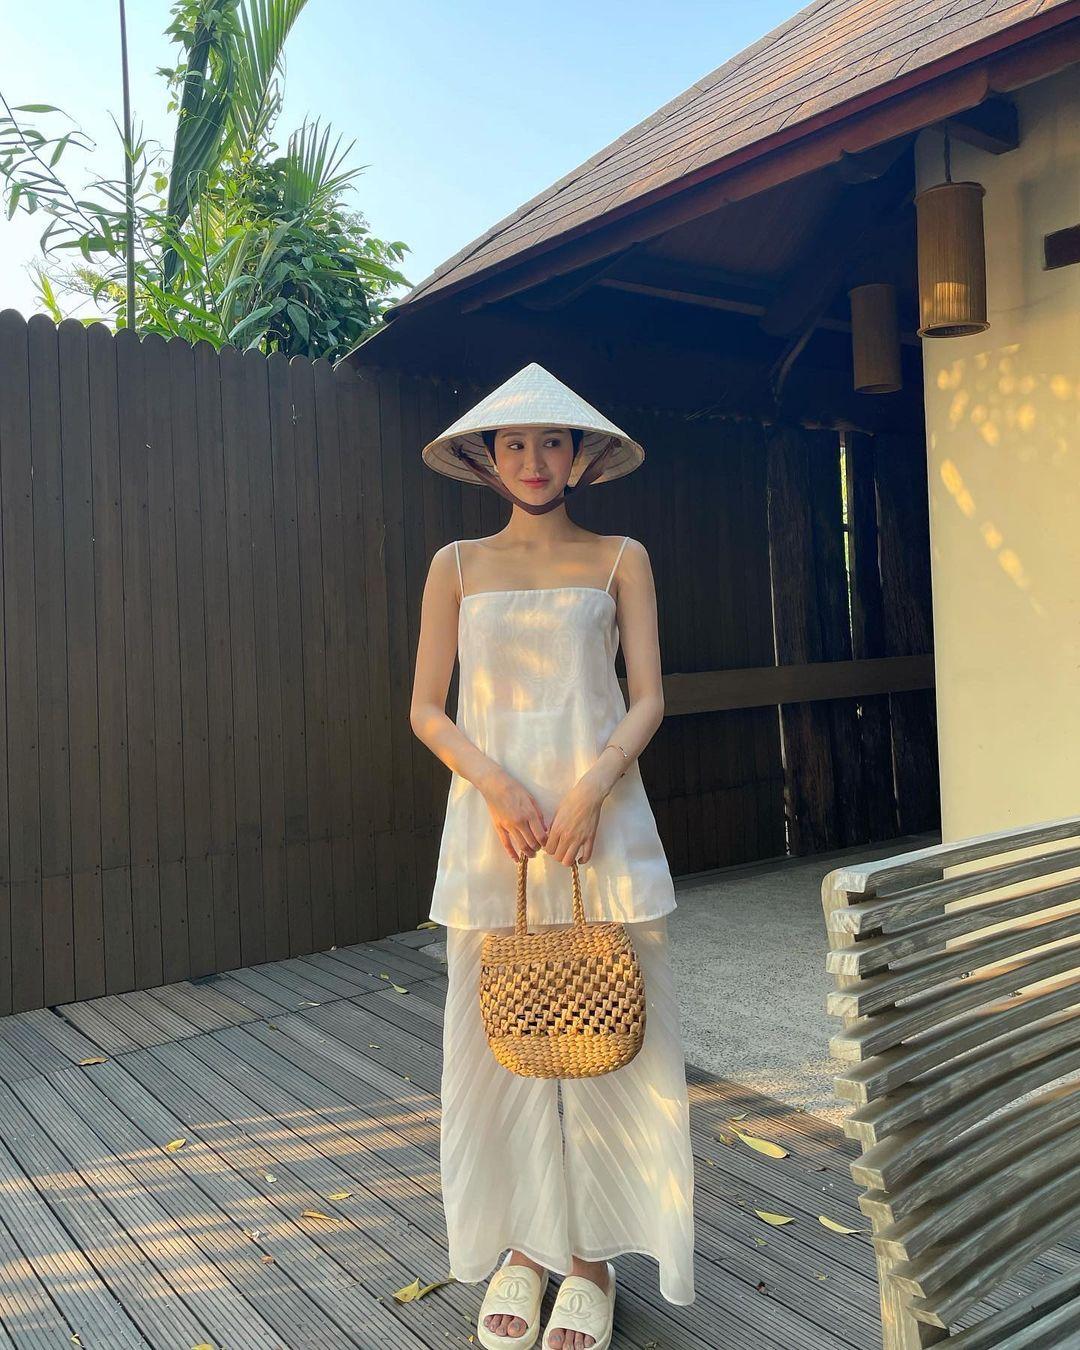 Hóng xem sao Việt diện đồ local brand nào trong tuần qua, chị em dễ sắm theo ngay để có style chanh sả - Ảnh 3.